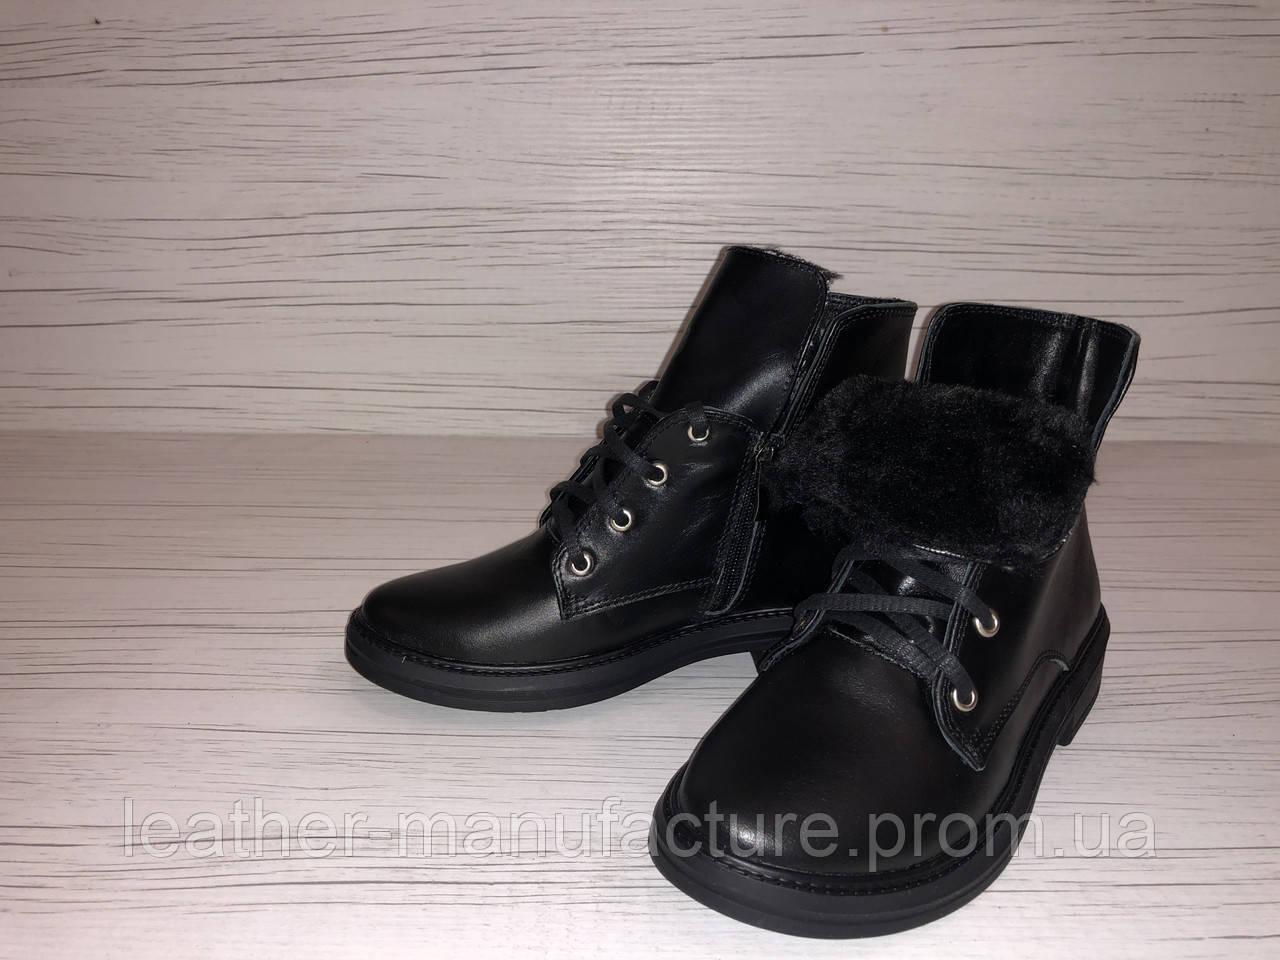 Черевики чорні de63e928d0e41